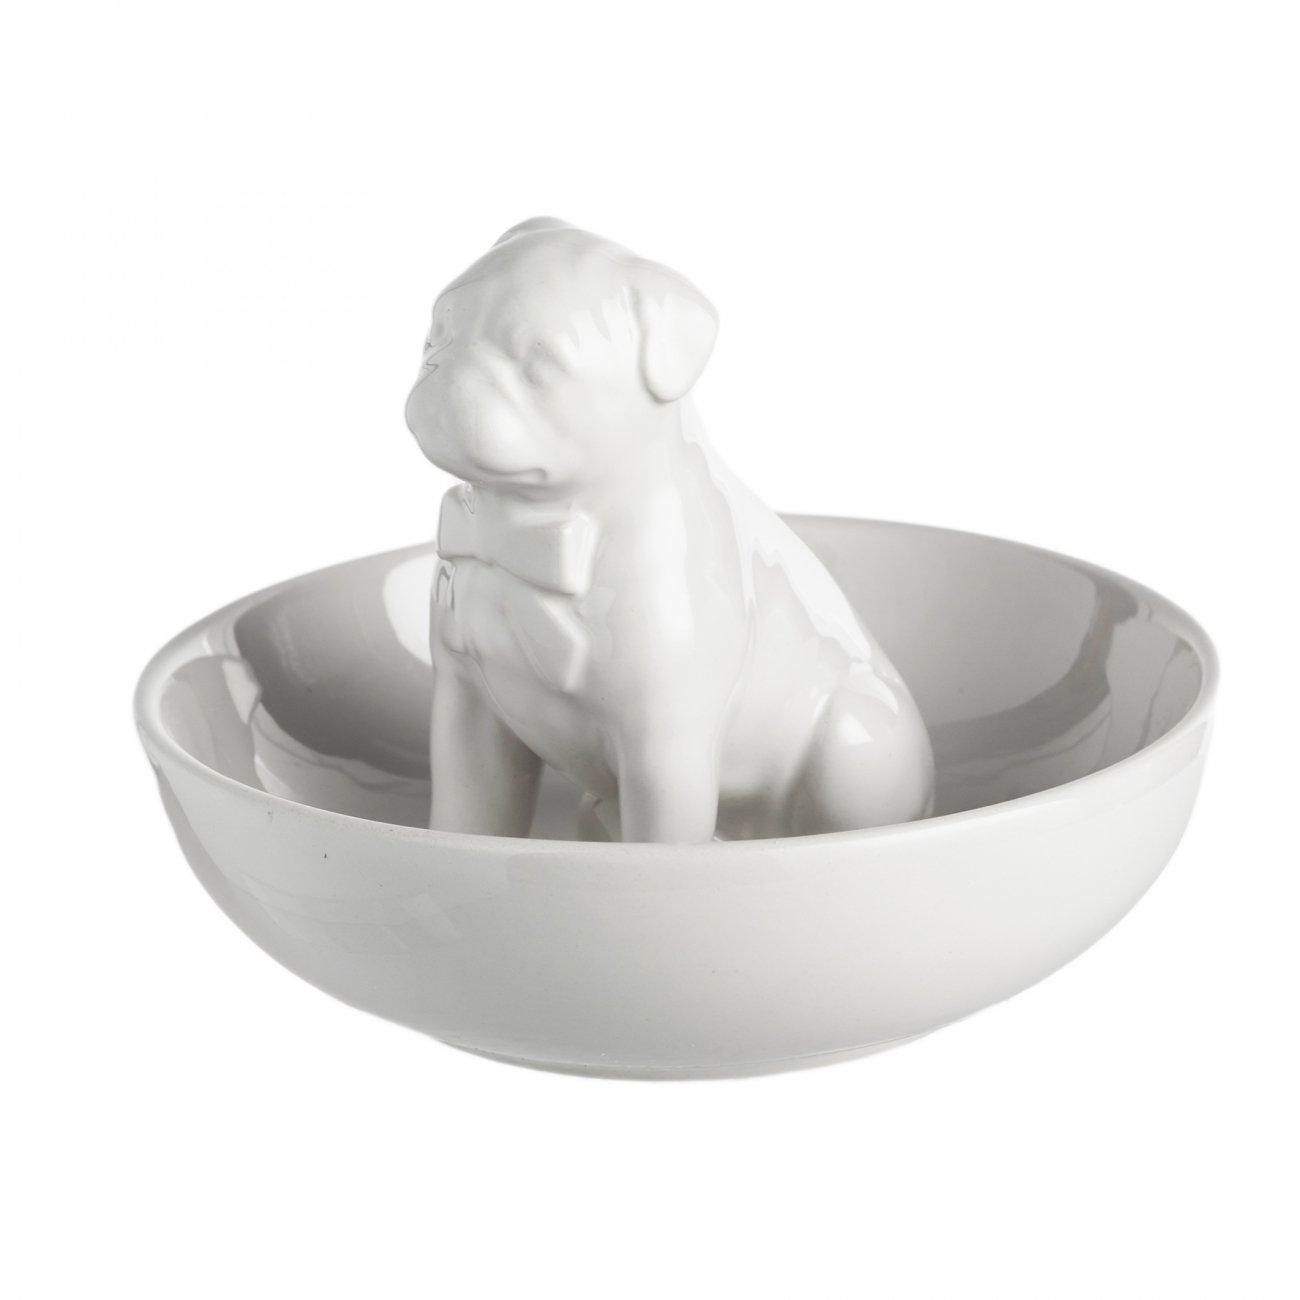 Купить Подставка для ювелирных украшений Собачка в интернет магазине дизайнерской мебели и аксессуаров для дома и дачи